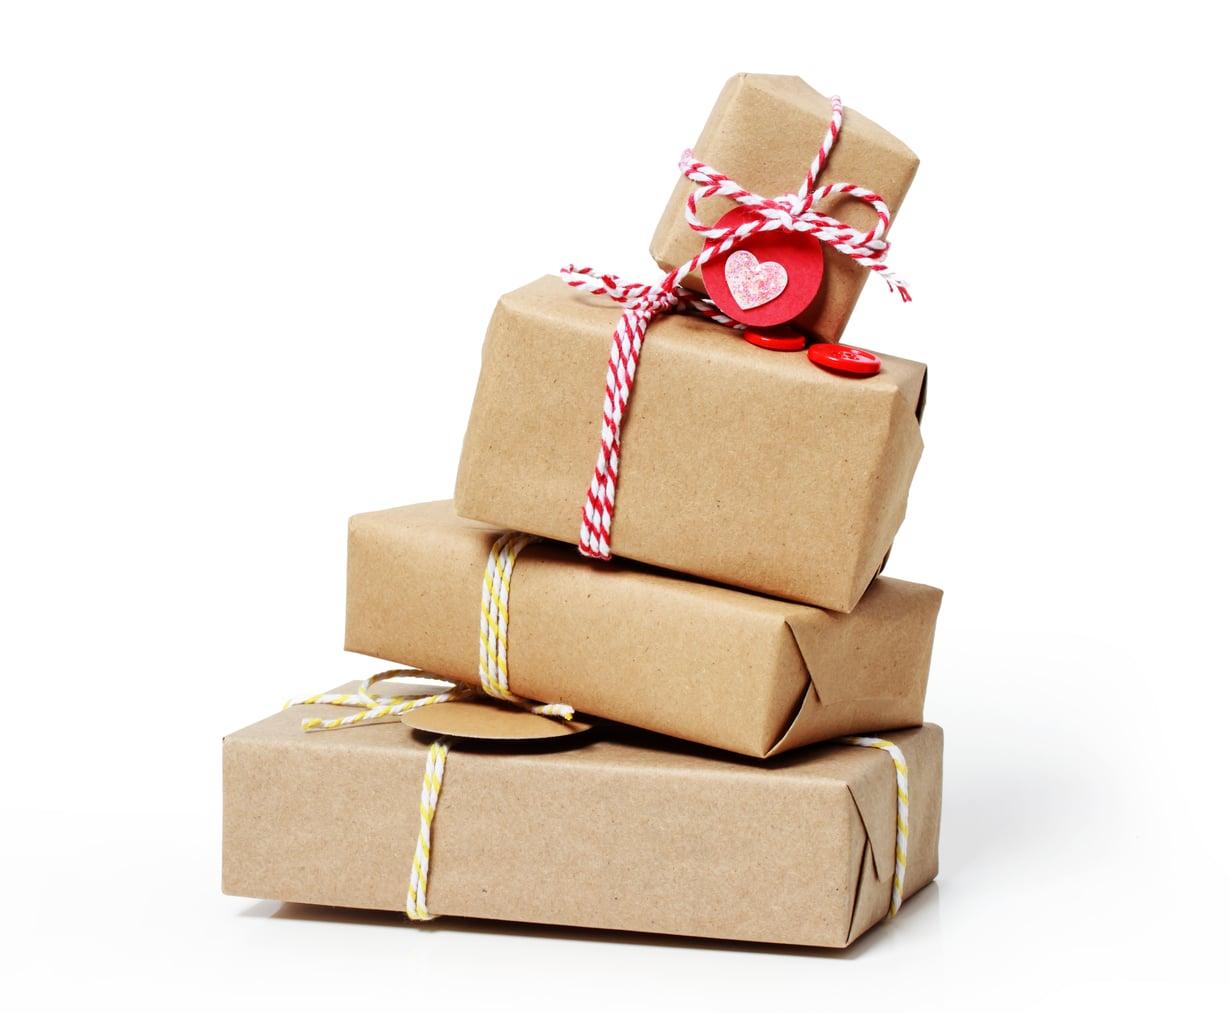 Kekseliäs paketoi lahjat vaikka leivinpaperiin tai sanomalehteen.